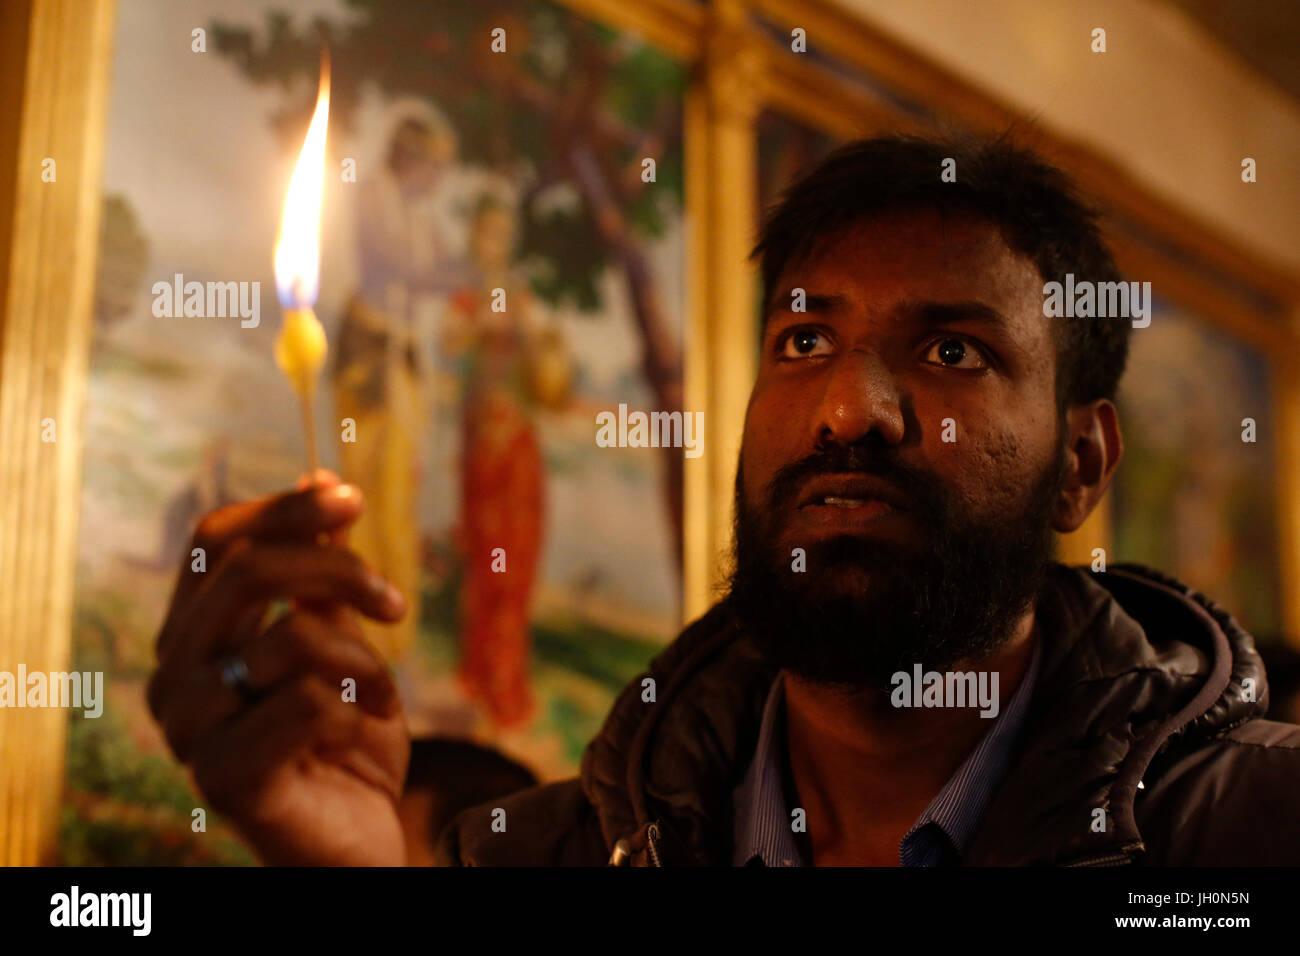 ISKCON devotee celebrating Diwali festival. France. Stock Photo